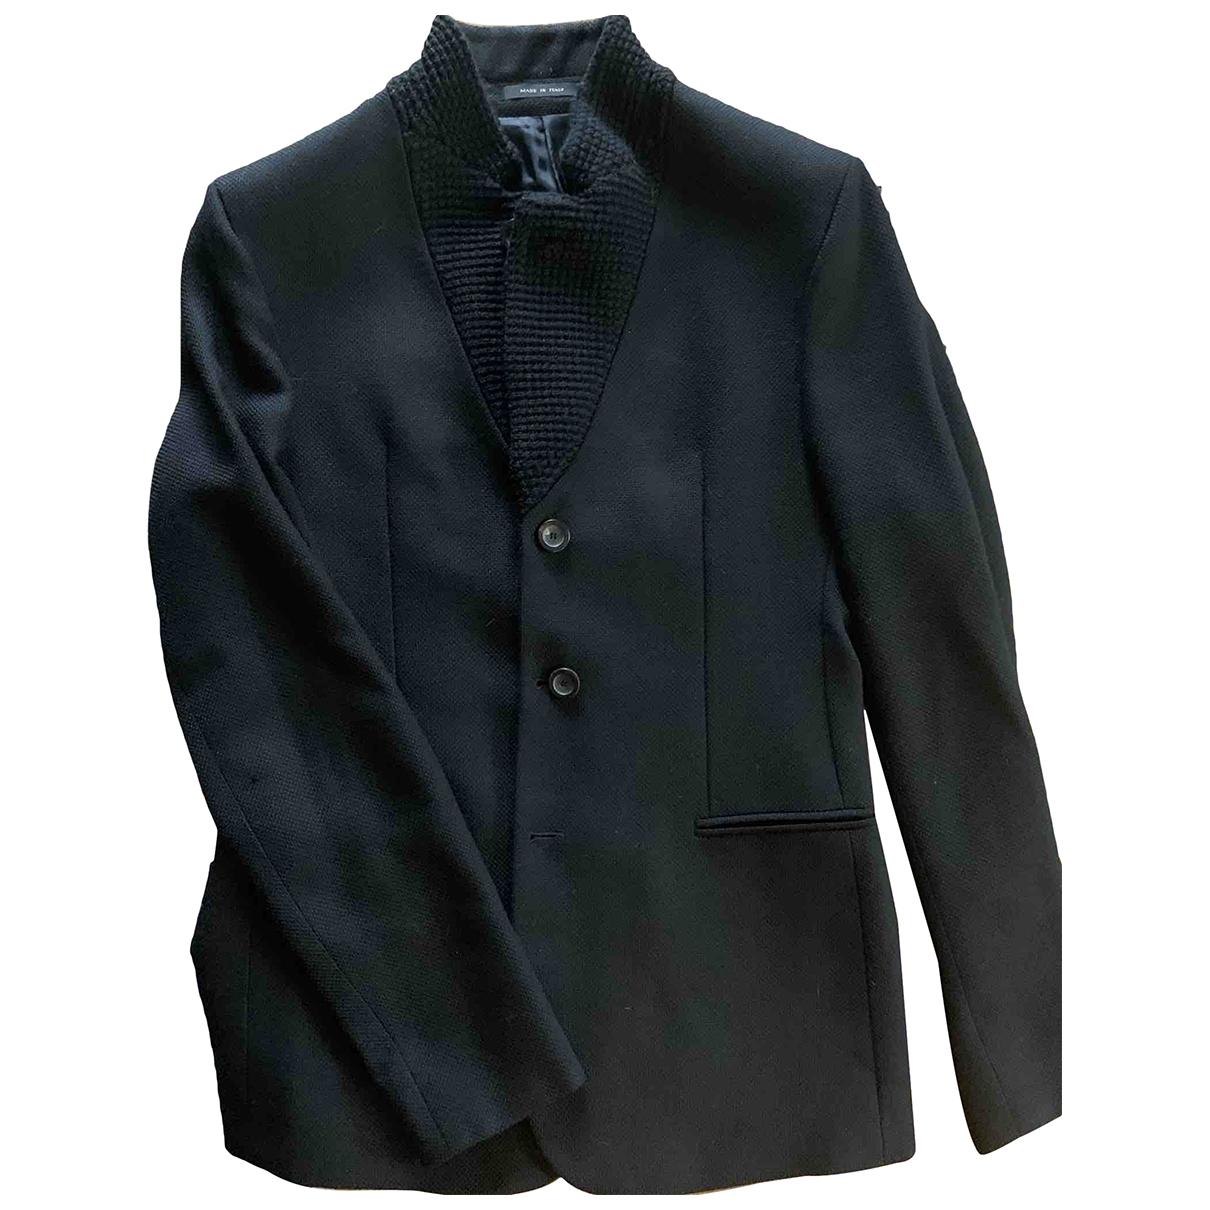 Emporio Armani - Vestes.Blousons   pour homme en laine - noir